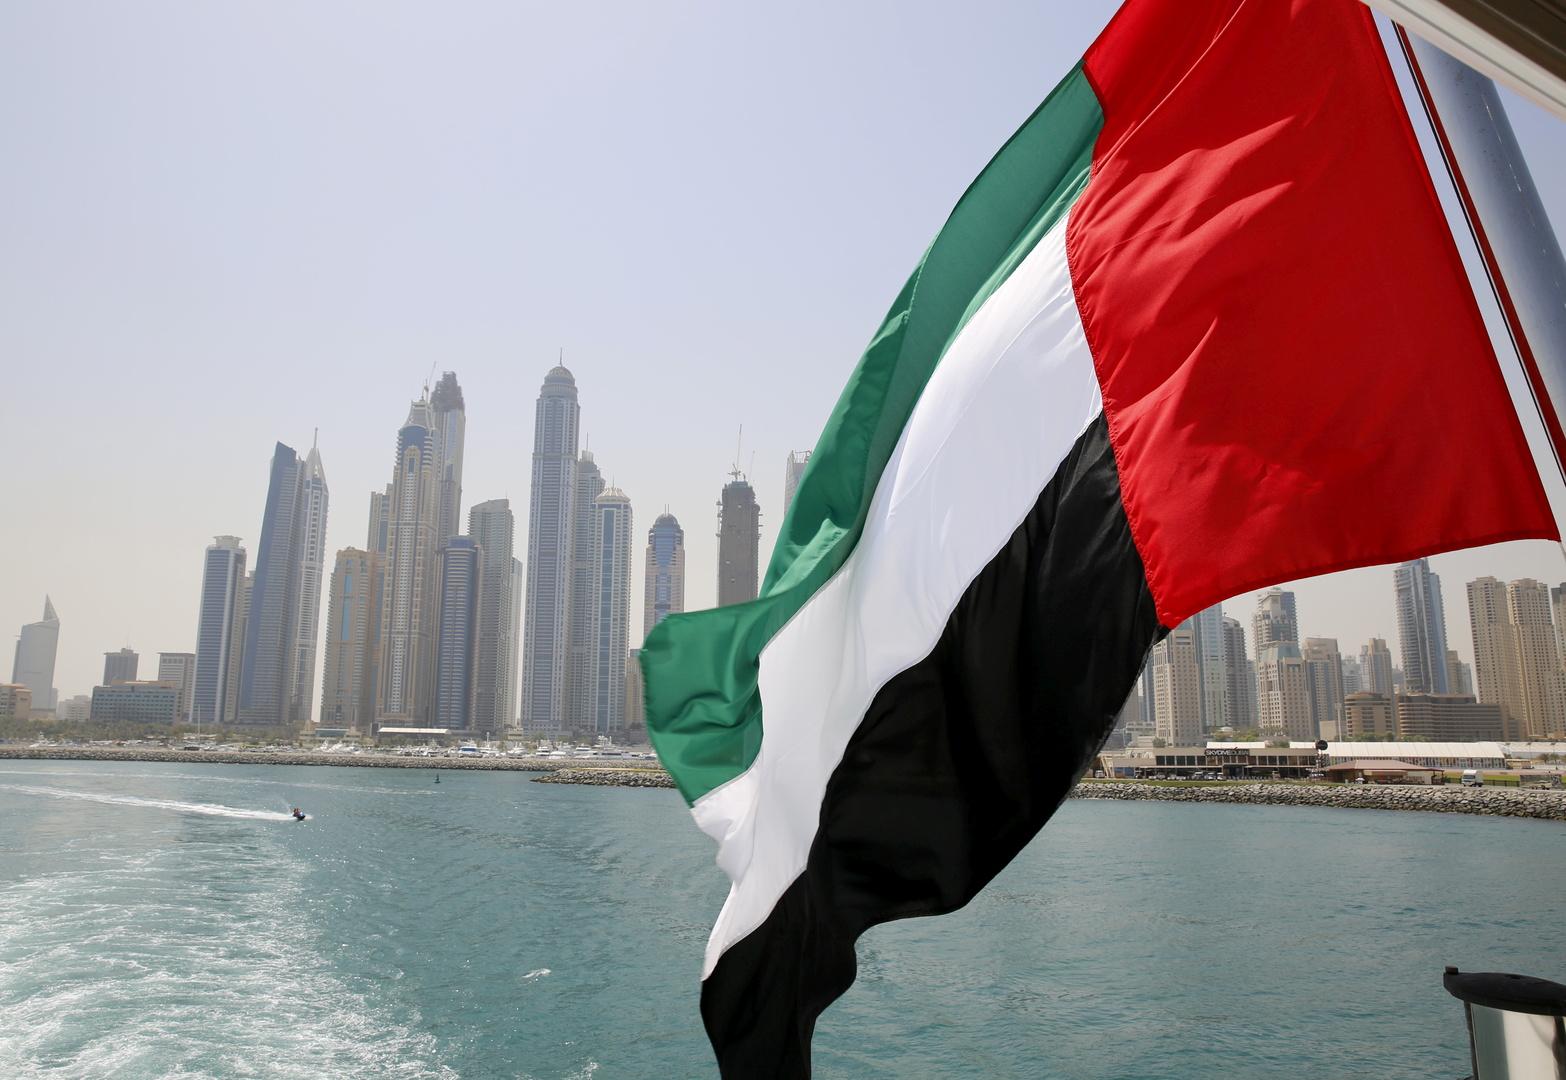 مع تطبيق إجراءات جديدة.. الفئات المسموح لها بدخول الوزارات والمؤسسات في الإمارات